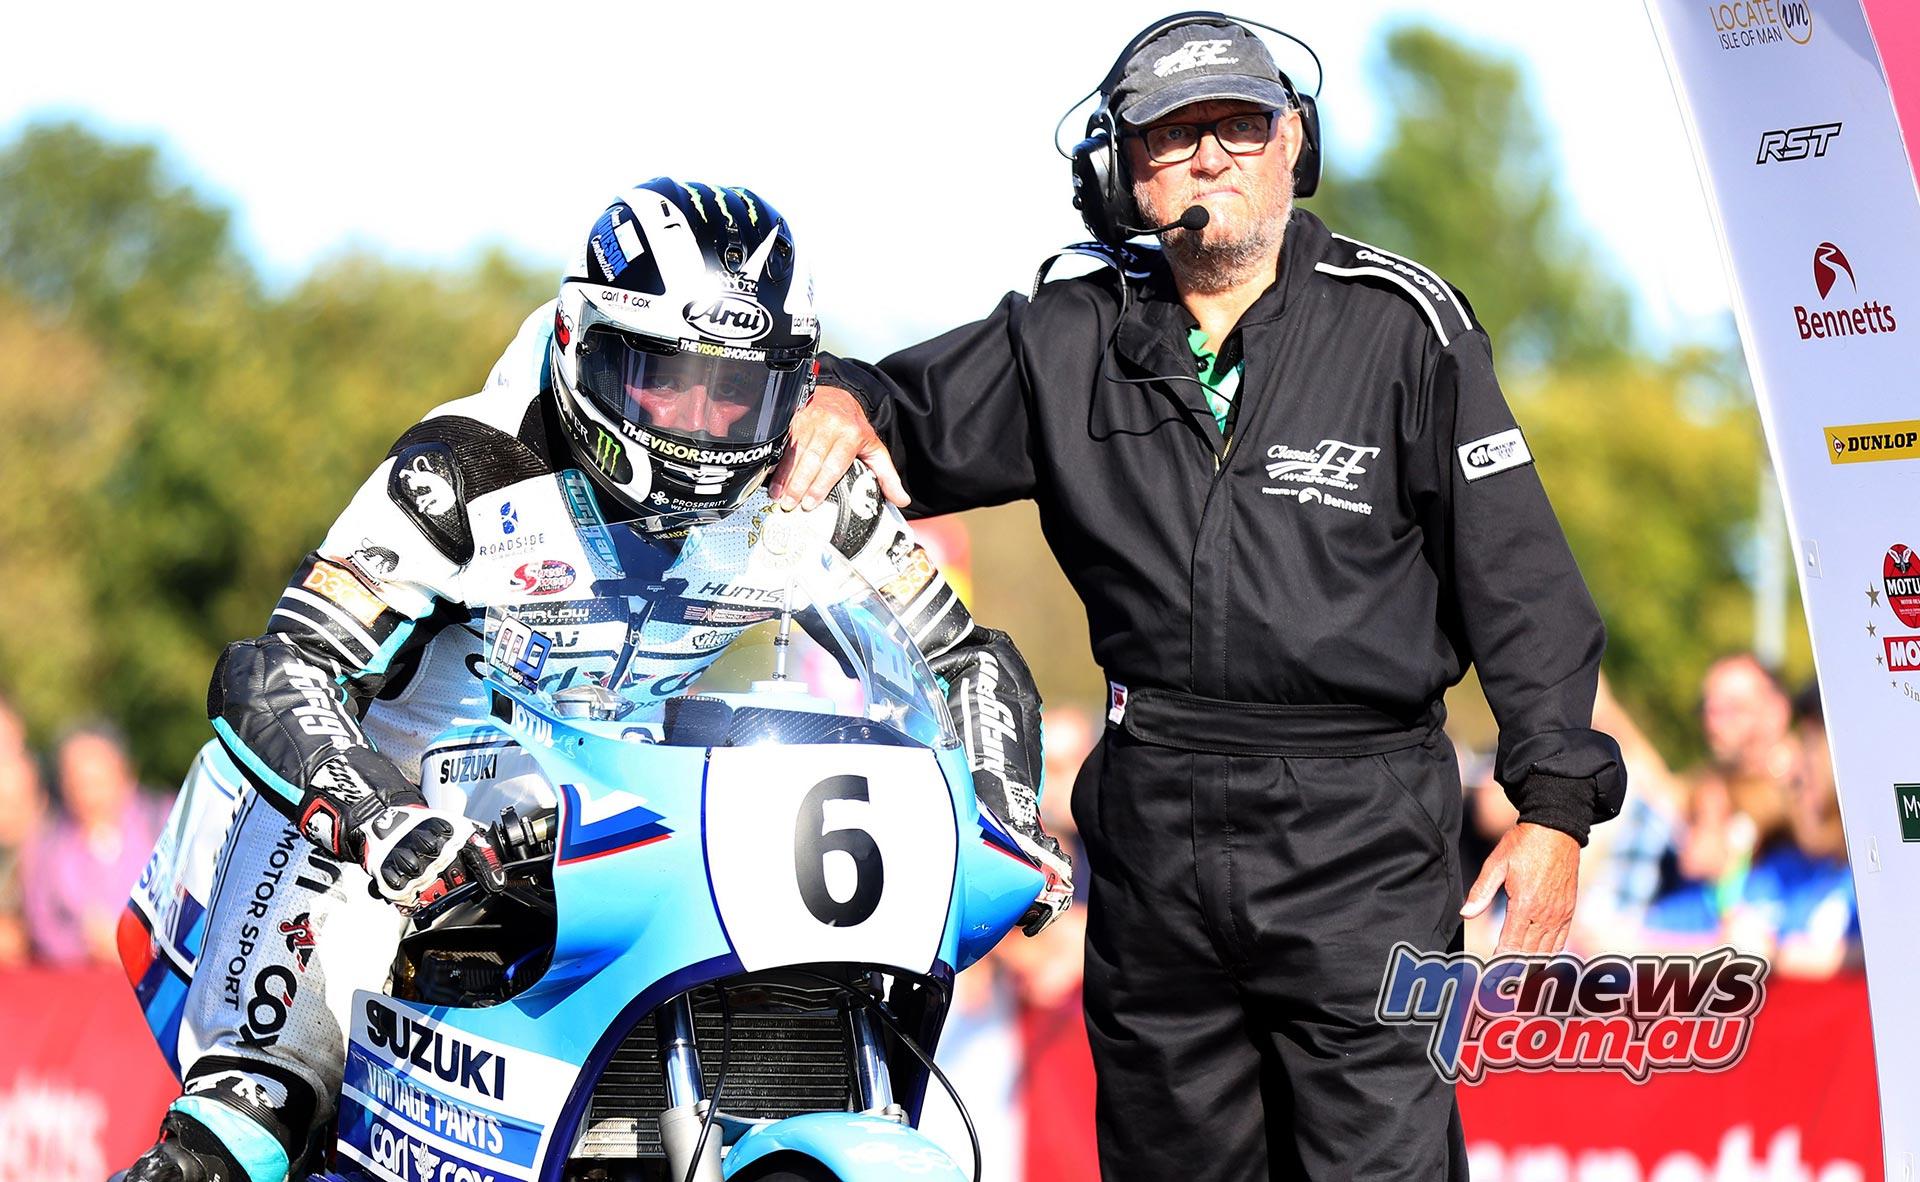 Classic TT Superbike Michael Dunlop